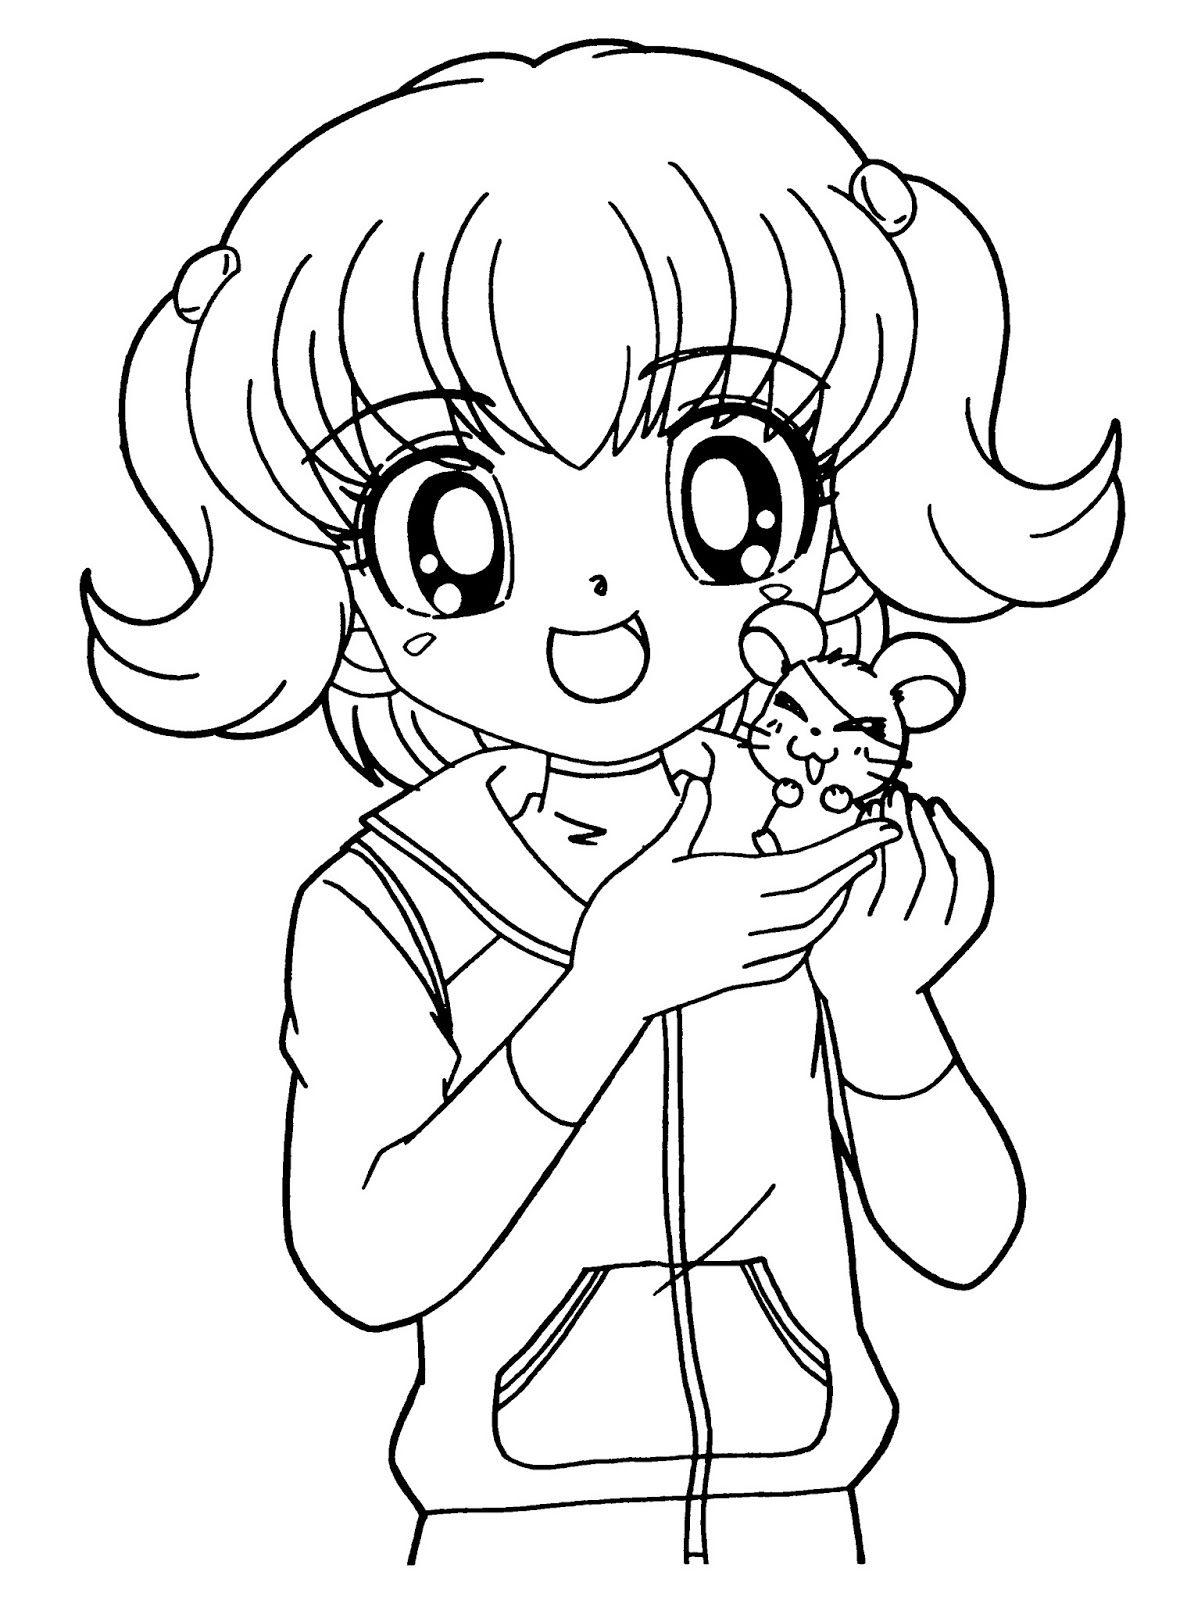 Раскраска аниме для детей